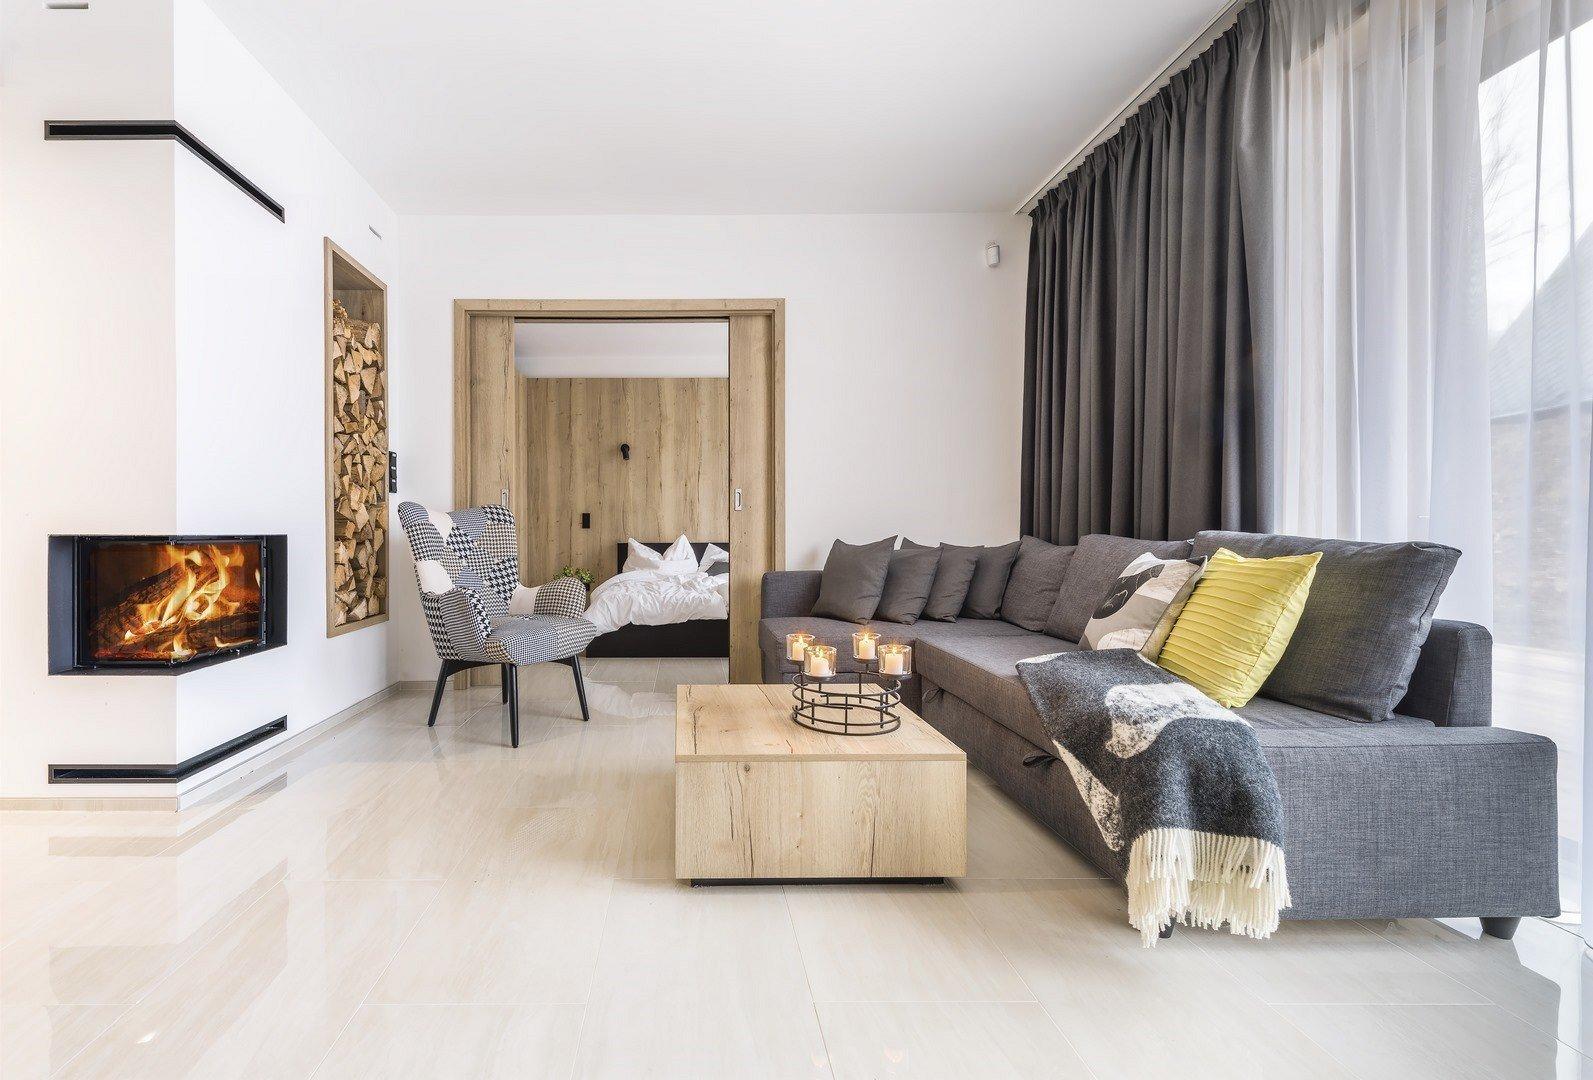 Teplá textura dřeva rezonuje s černou a vytváří elegantní a útulný druhý domov pro mladé majitele. Podívejte se na byt, který ladí do posledního detailu. Horský apartmán vám vyrazí dech!